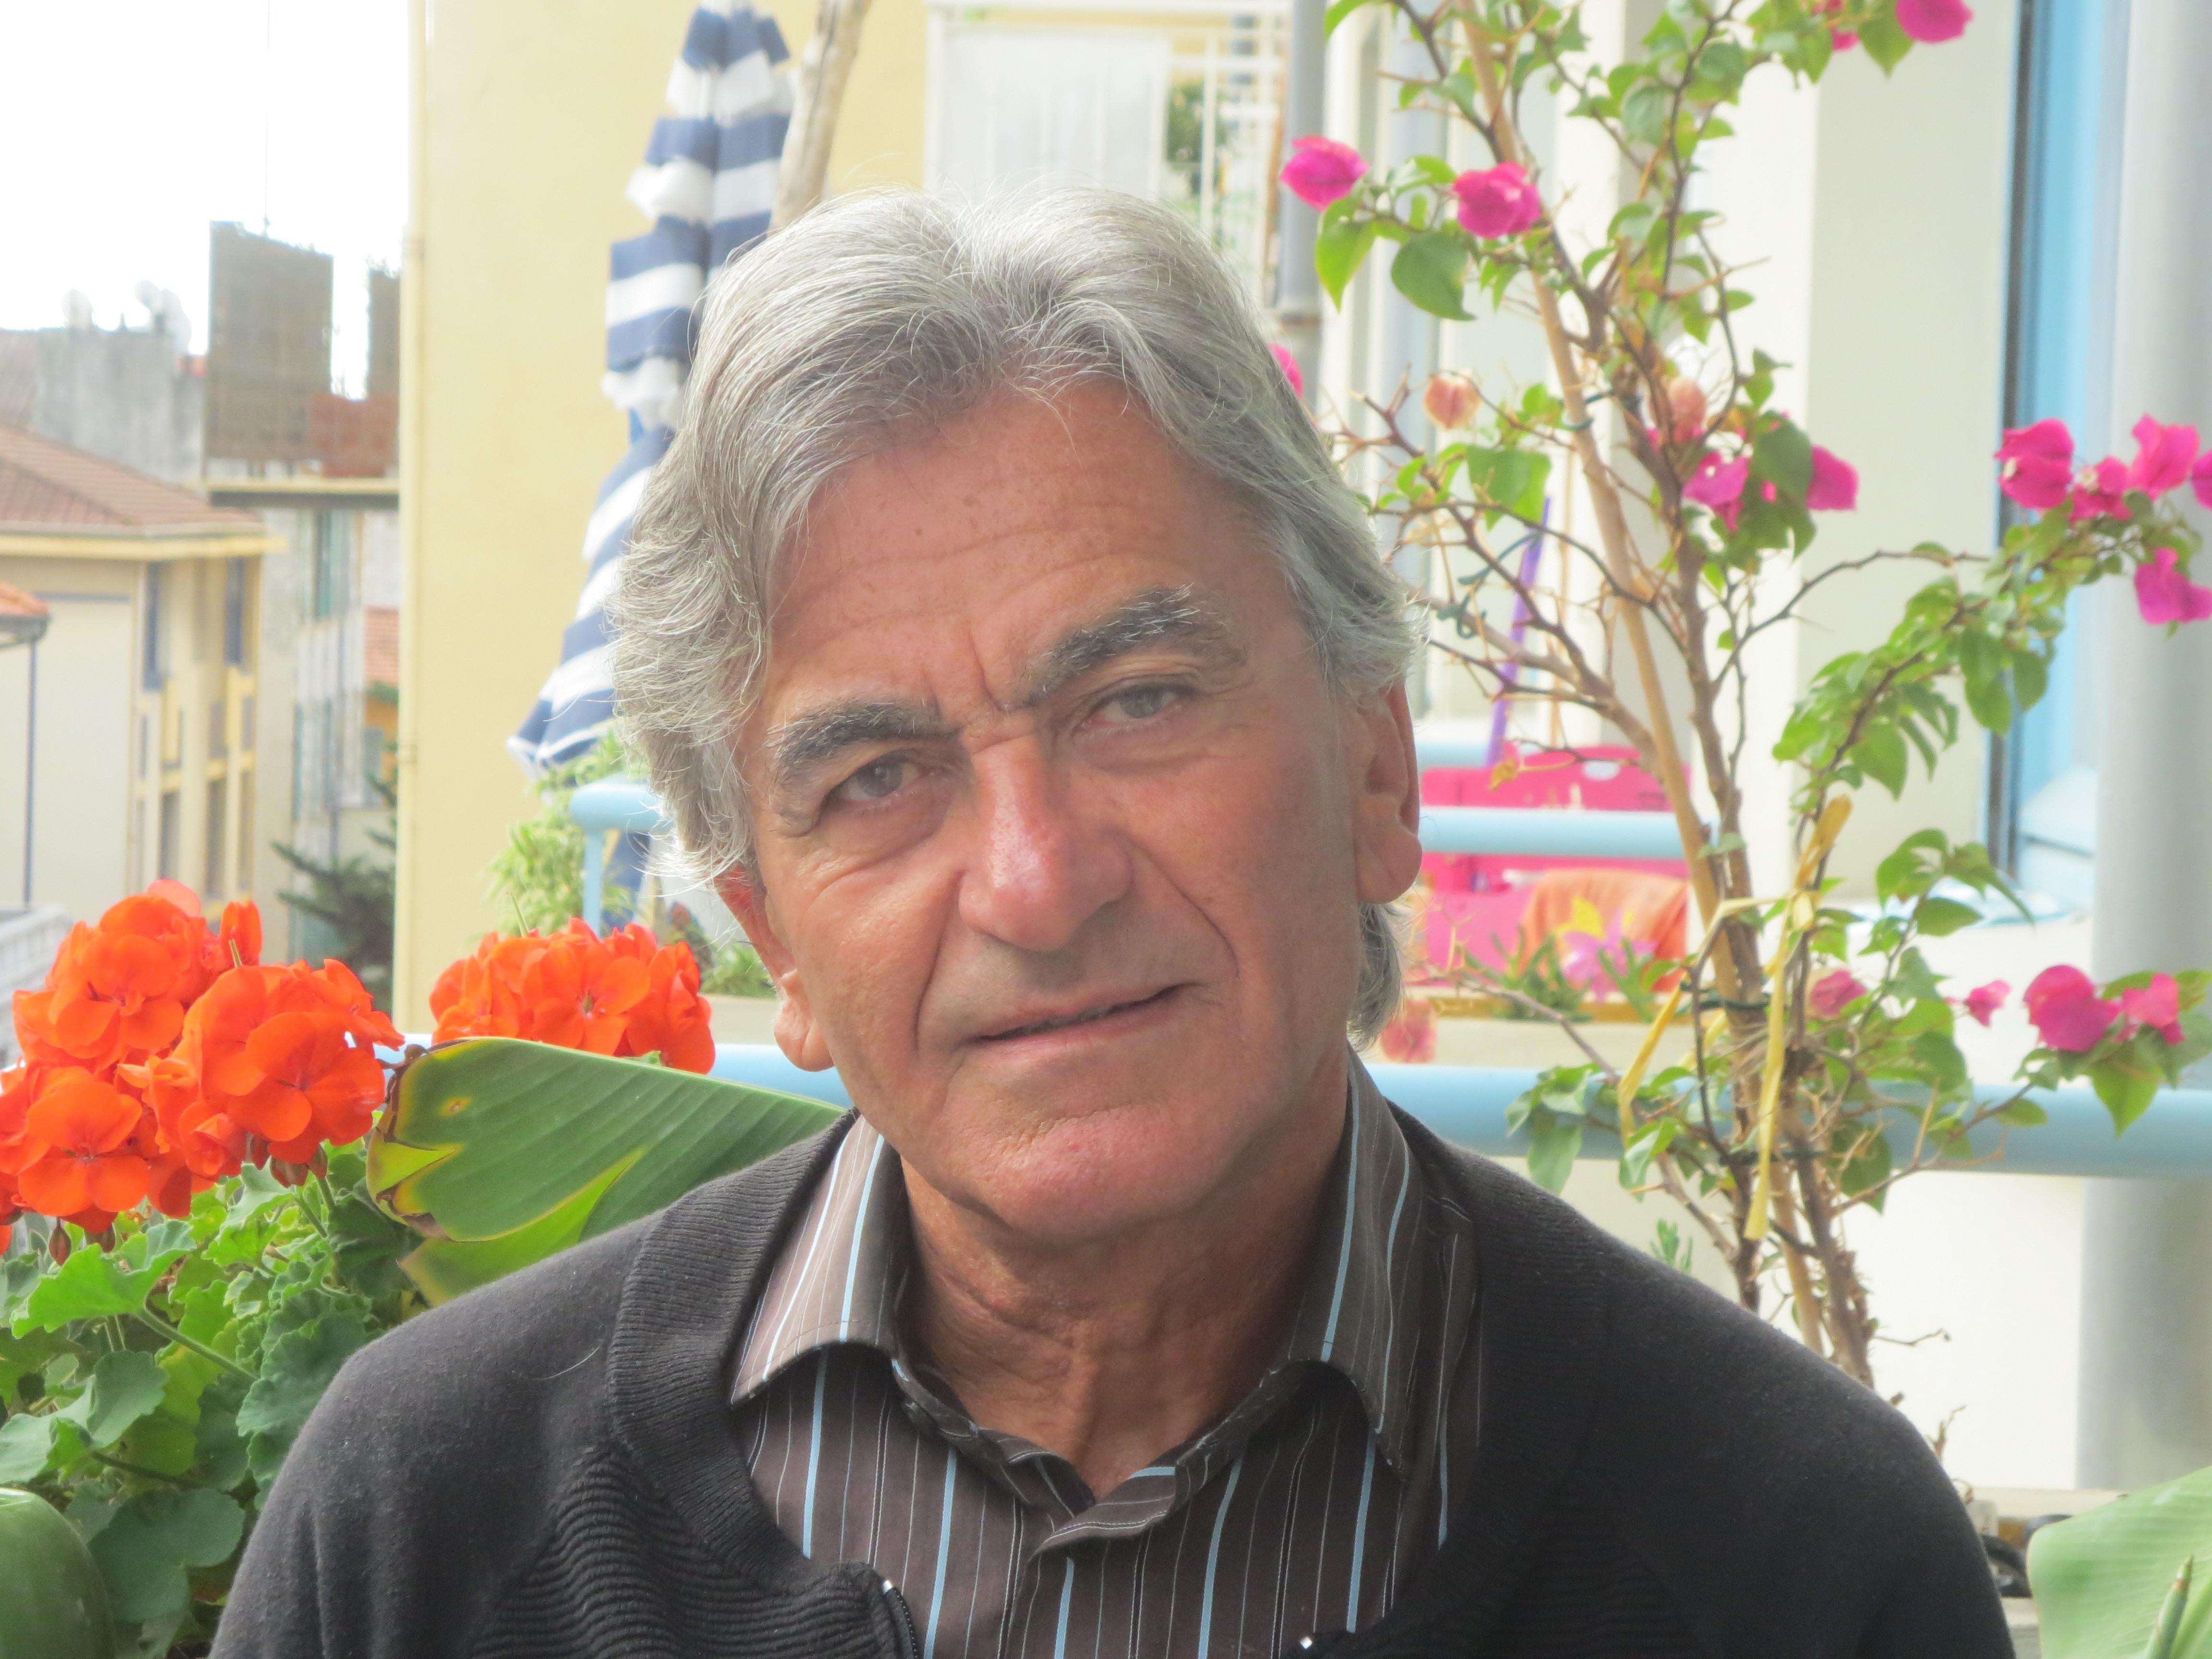 Dominique Duboisset